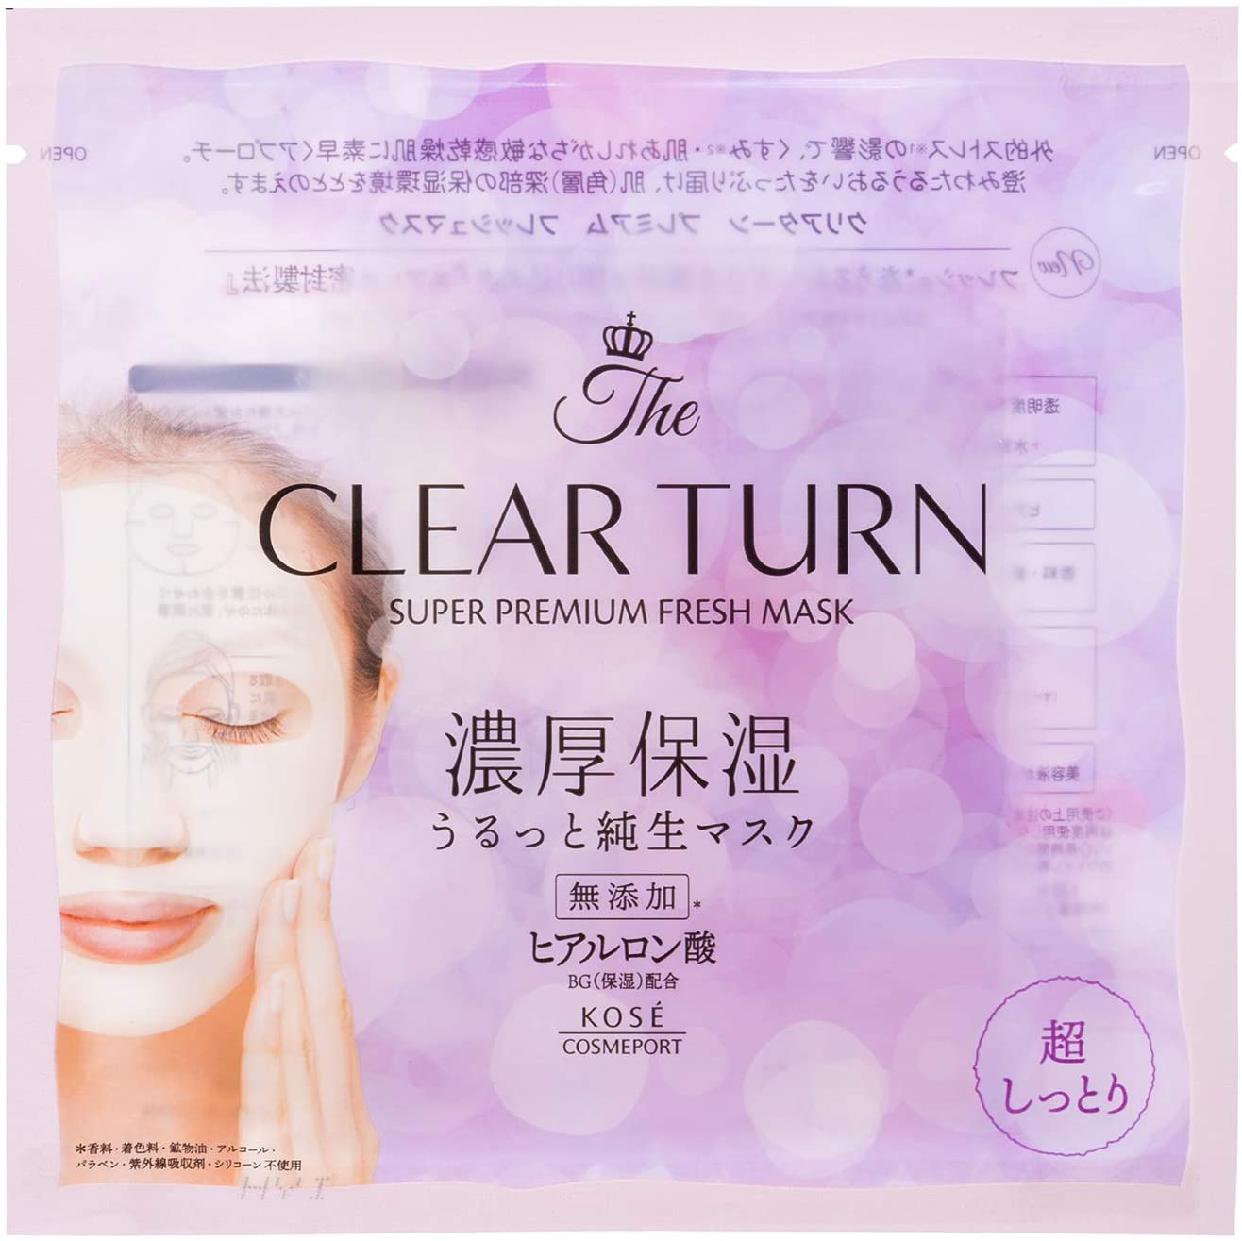 CLEAR TURN(クリアターン) プレミアム フレッシュマスク (超しっとり)の商品画像9